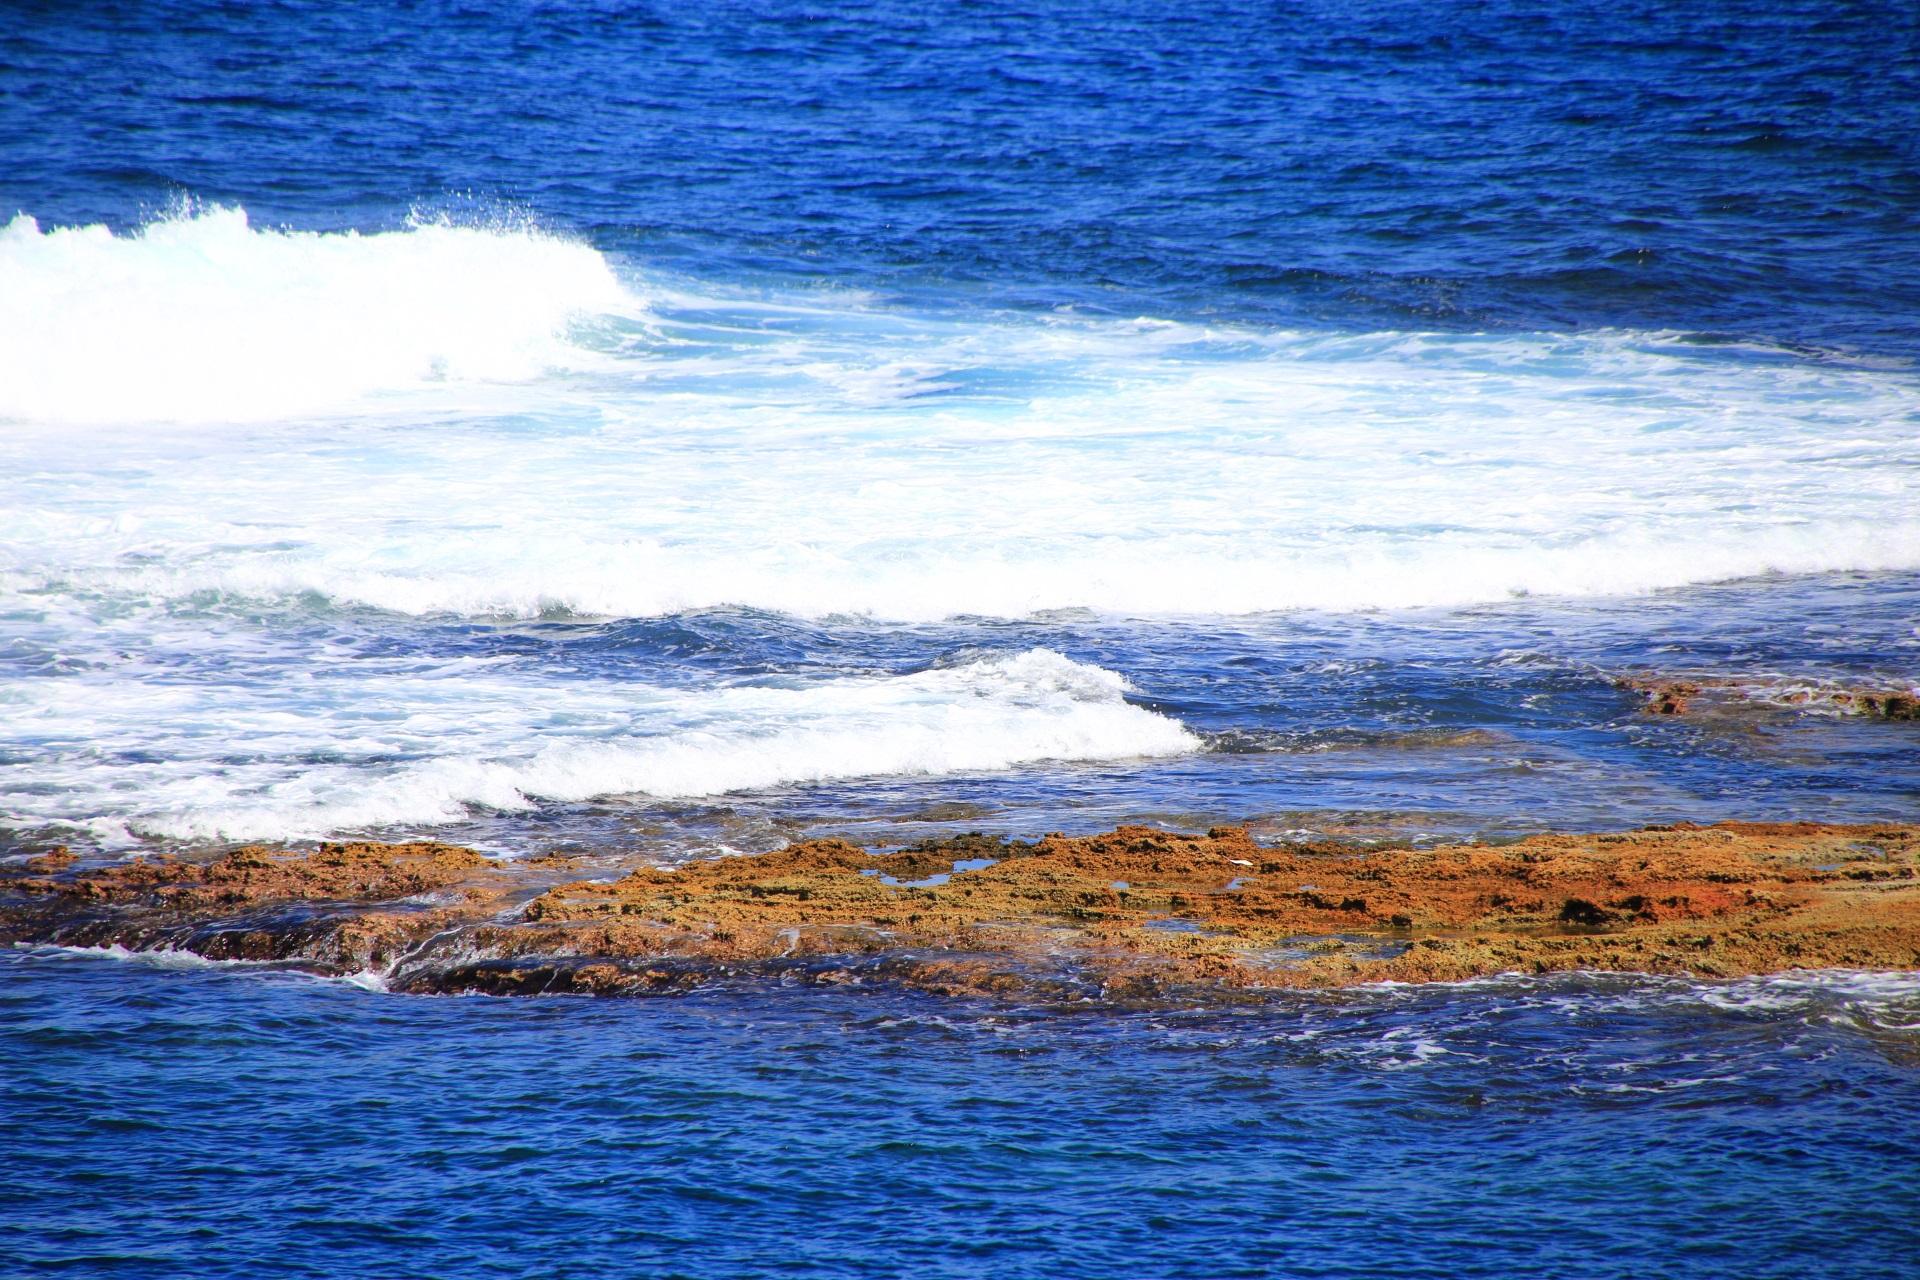 京丹後の五色浜の表面が粗い岩